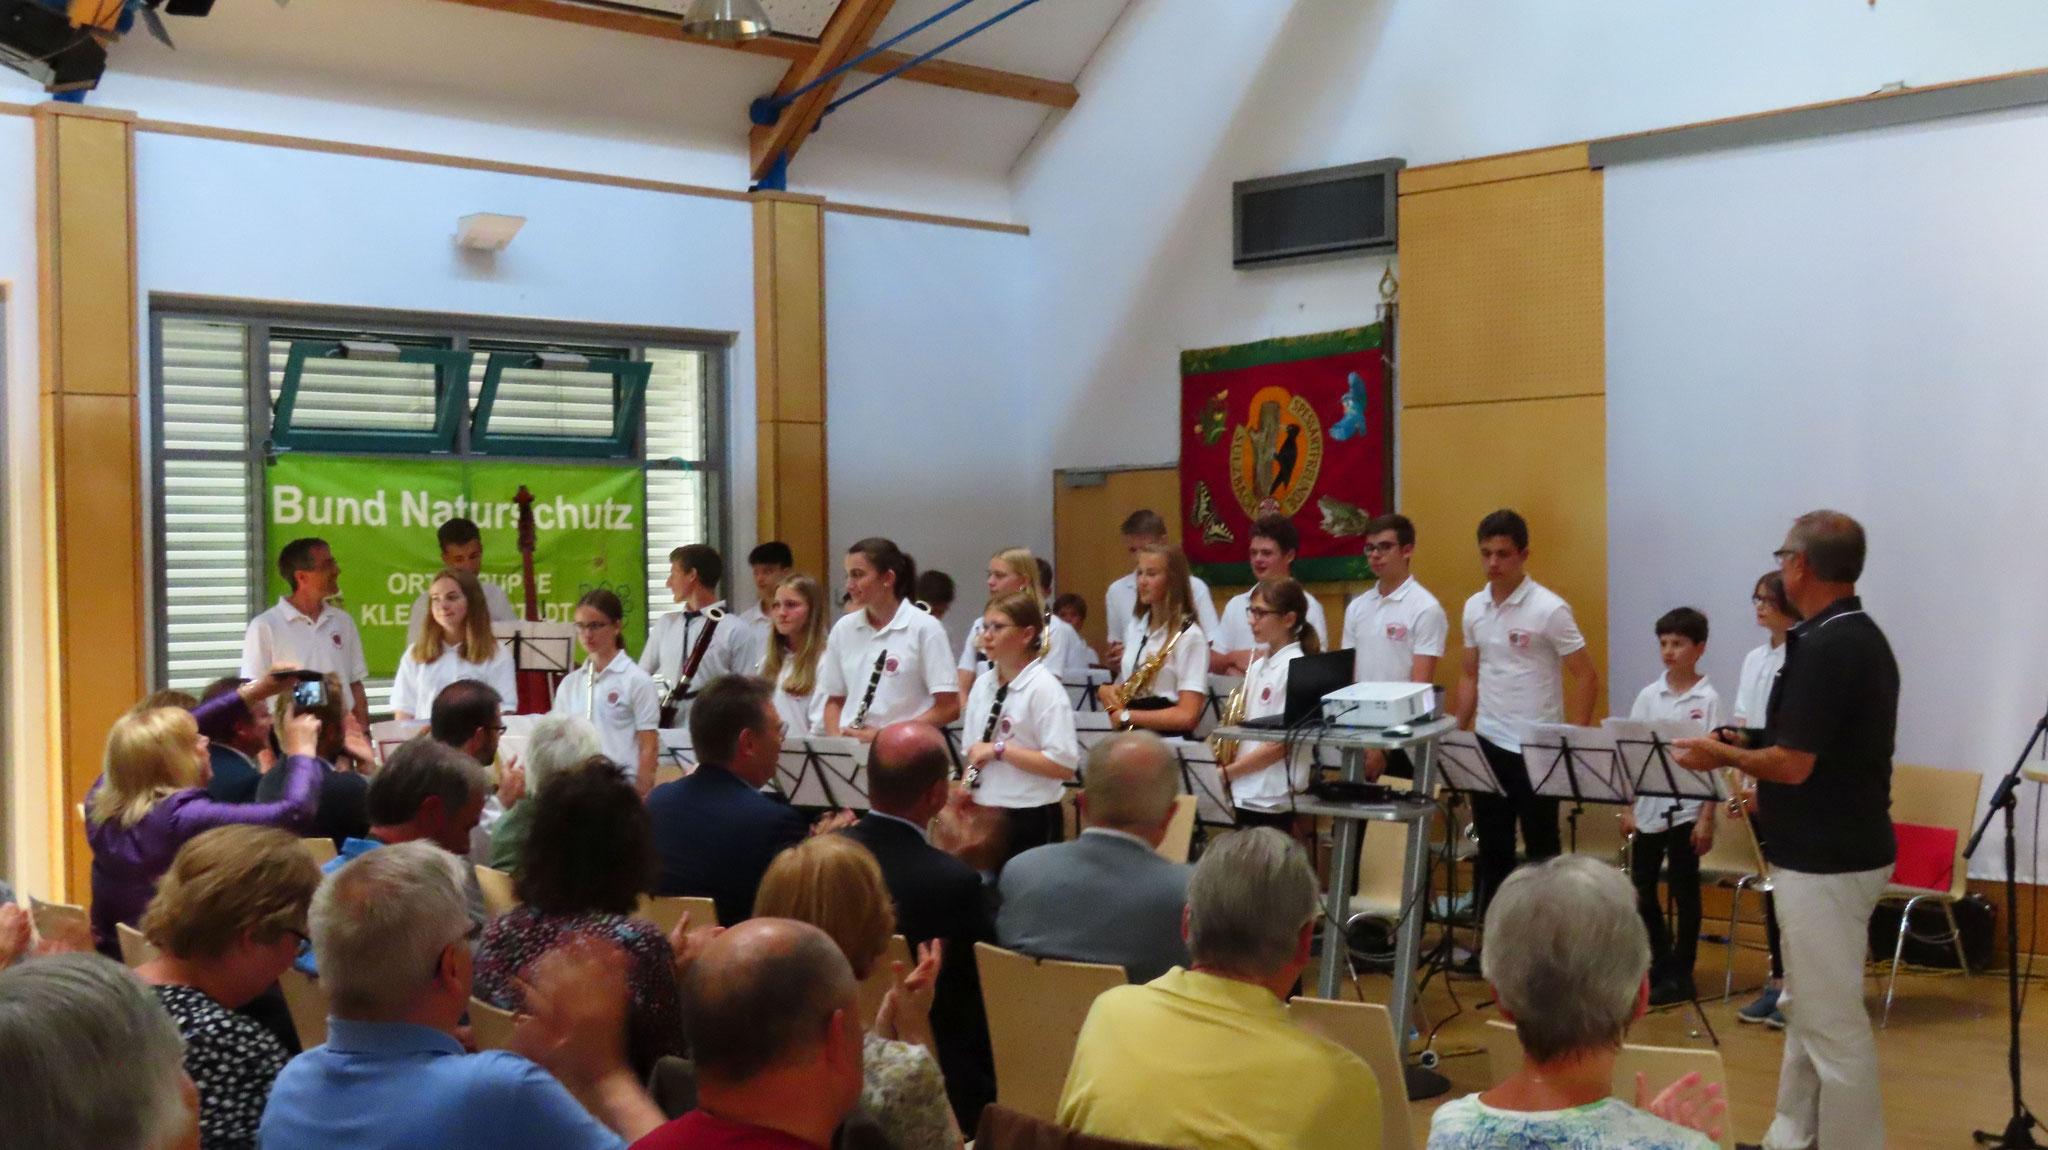 Das Jugendblasorchester Sulzbach sorgten für einen angenehmen musikalischen Rahmen